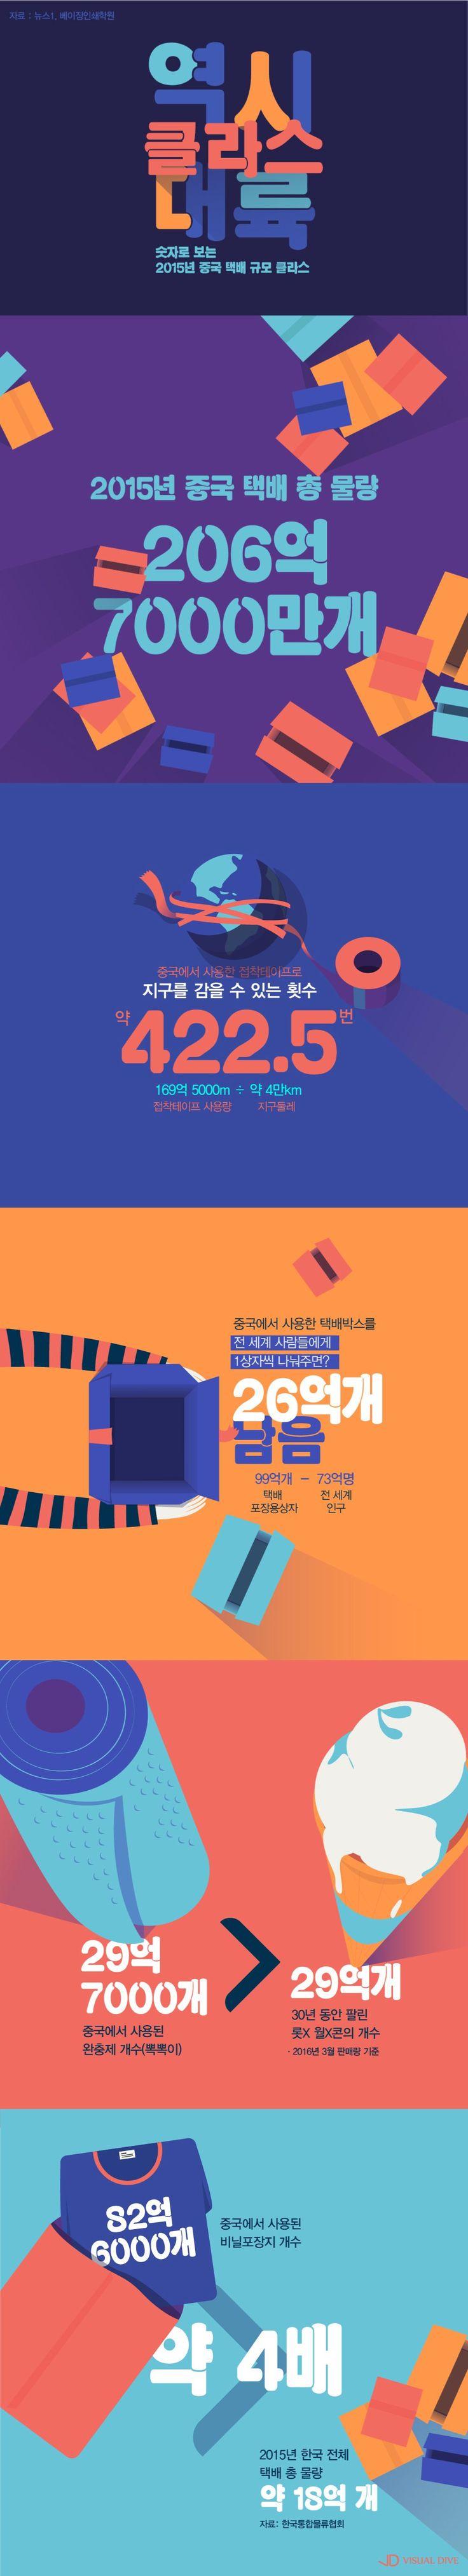 커지는 중국 택배시장···포장용 택배 상자 99억개 [인포그래픽] #China / #Infographic ⓒ 비주얼다이브 무단 복사·전재·재배포 금지